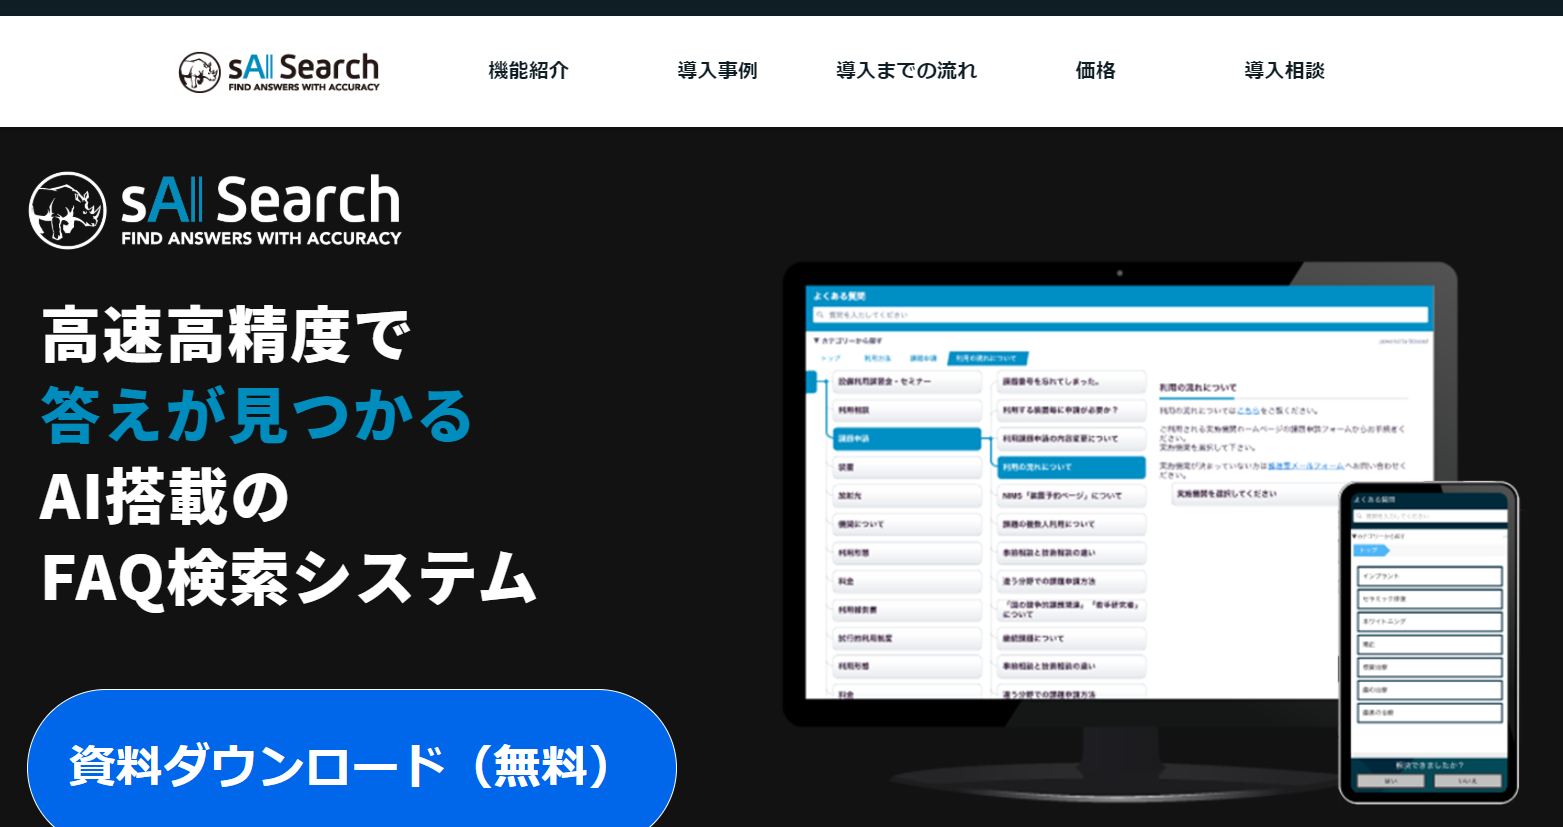 sAI Search公式Webサイト